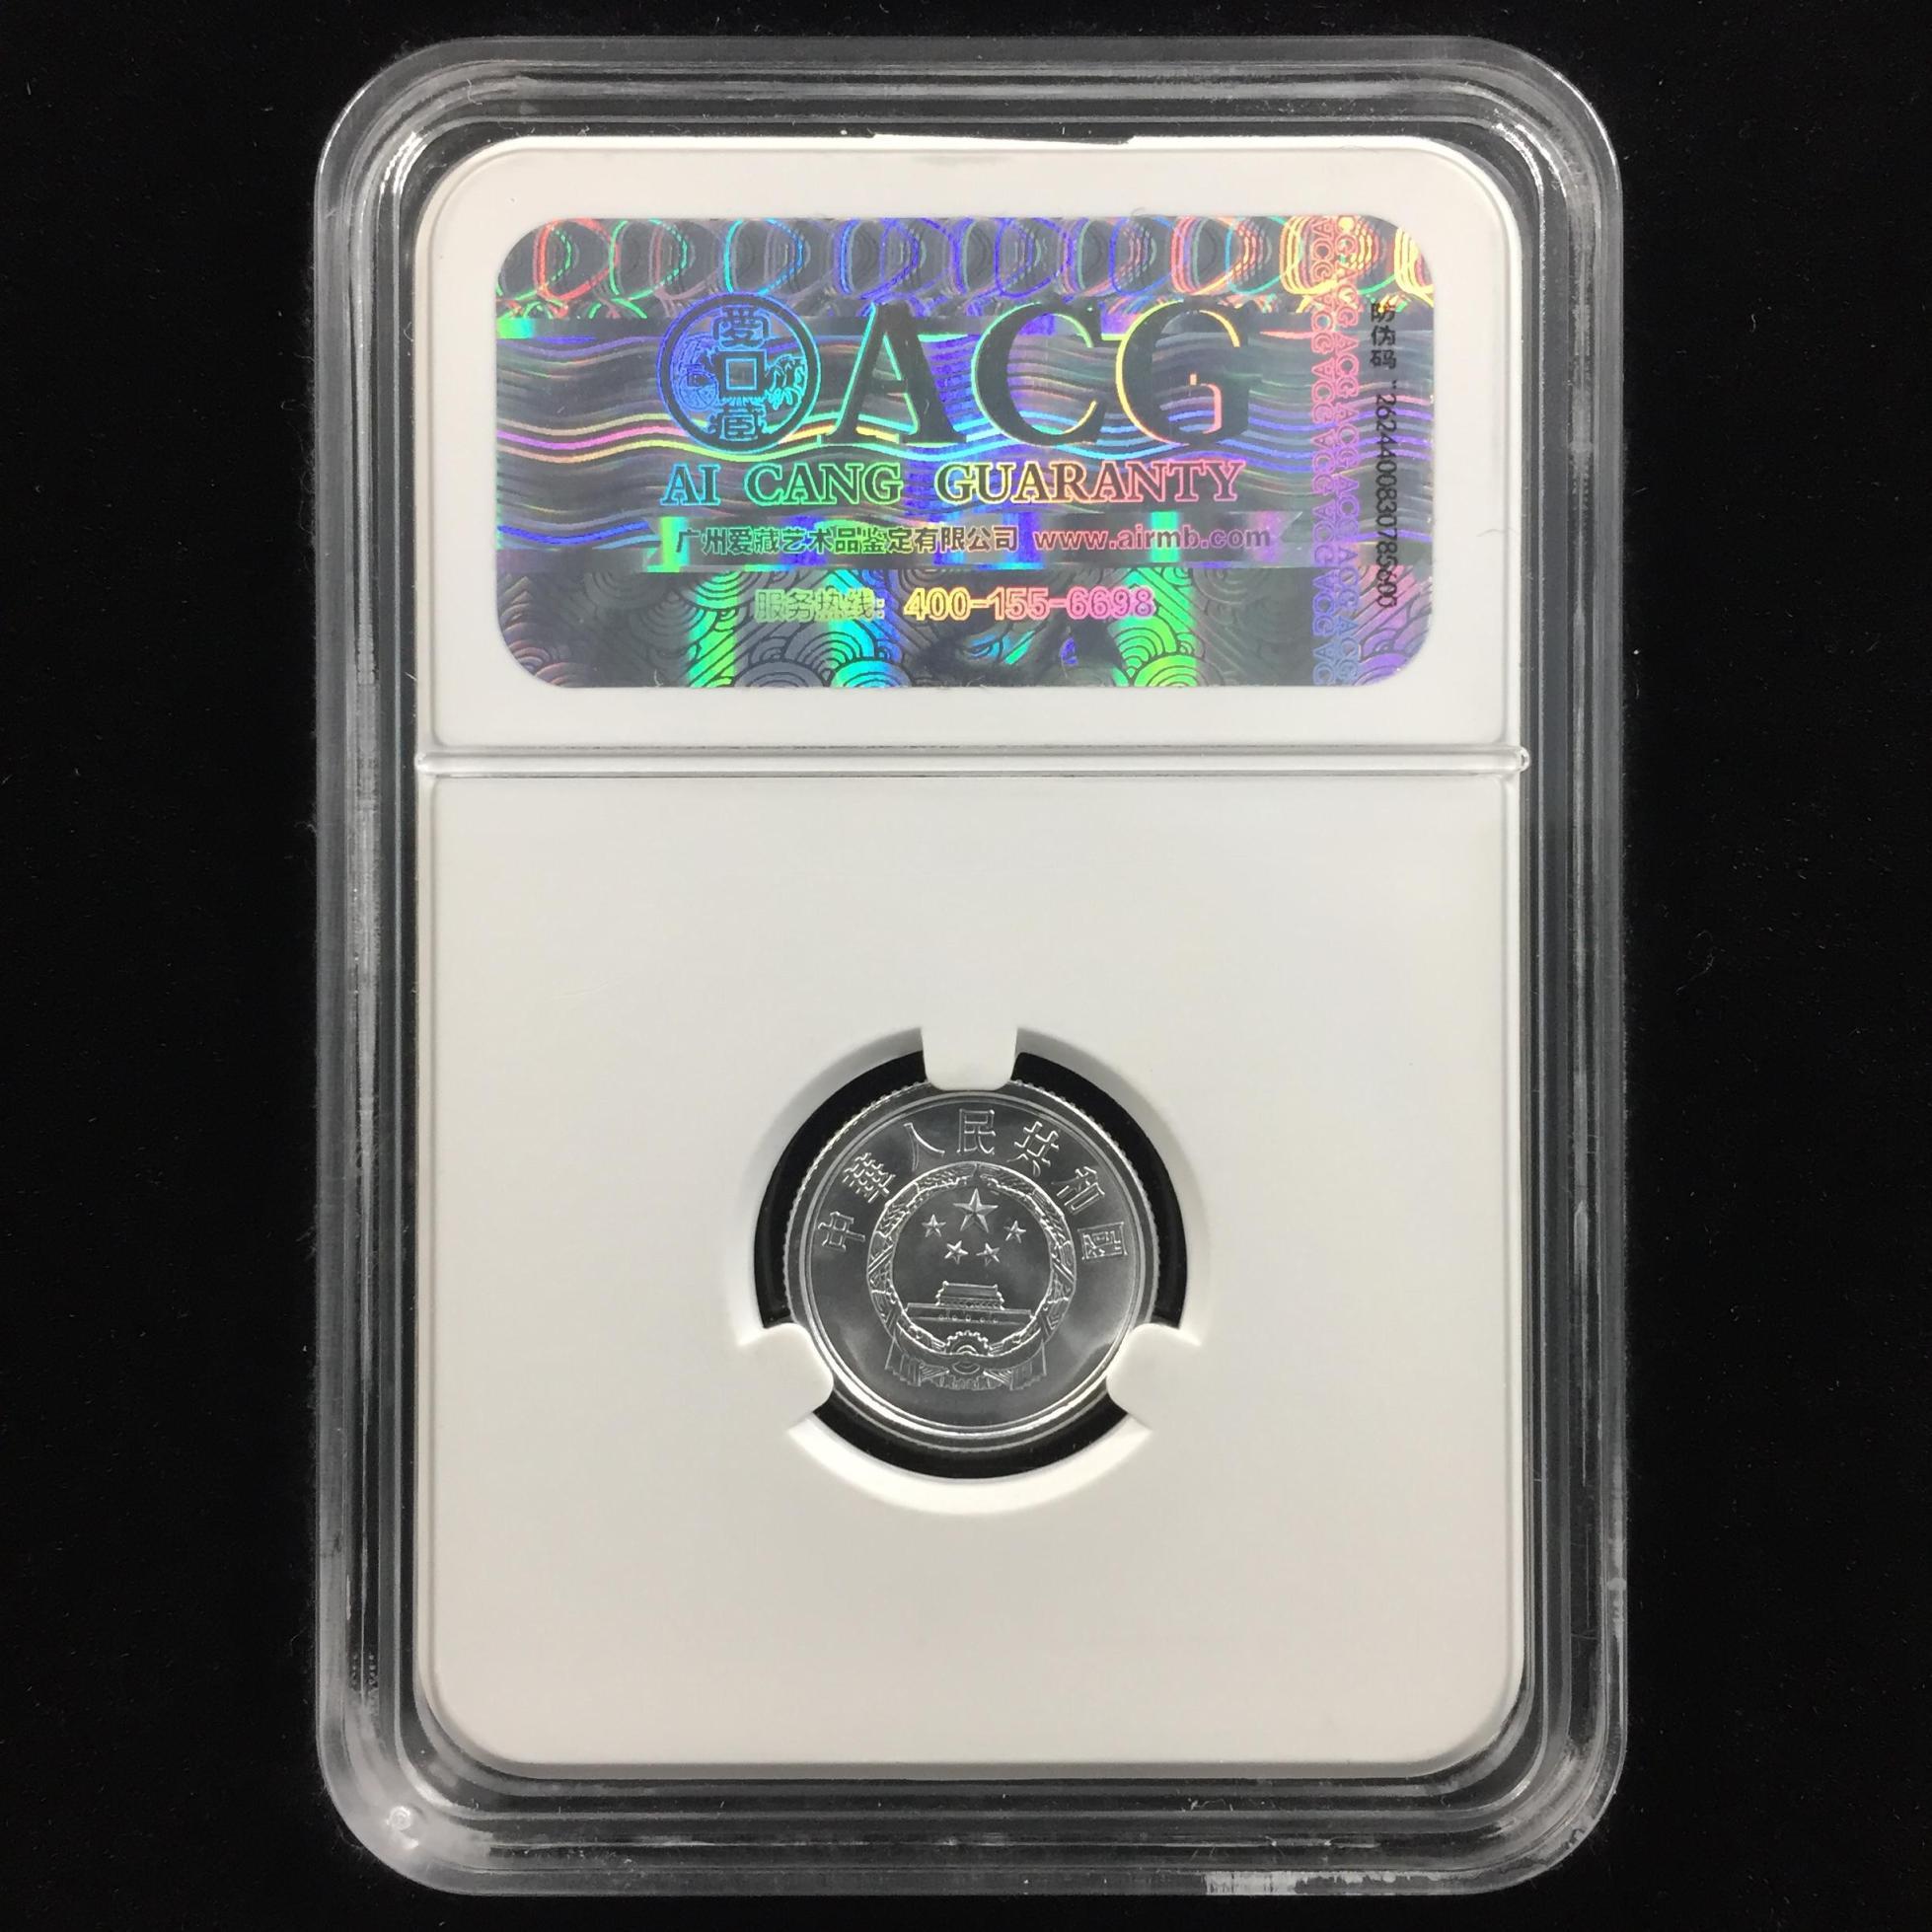 双齿币→2013年1分硬币→ACG鉴定证书-10768252